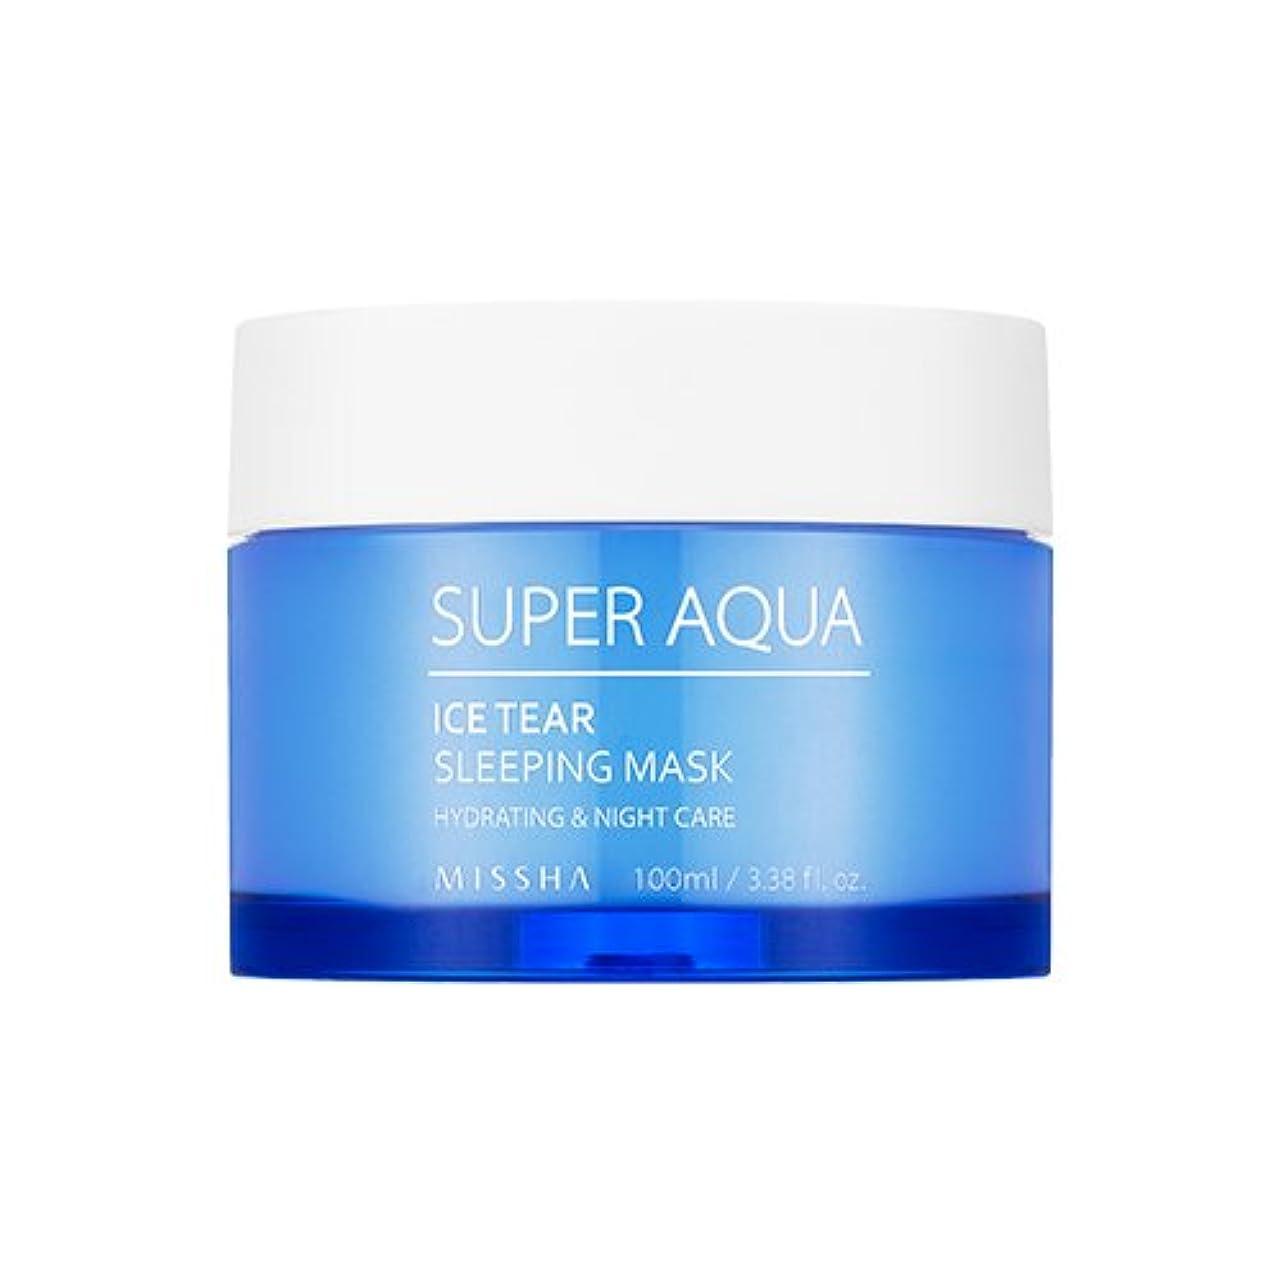 危険を冒します賞賛つなぐMISSHA Super Aqua Ice Tear Sleeping Mask 100ml / ミシャ スーパーアクア アイスティアスリーピングマスク [並行輸入品]